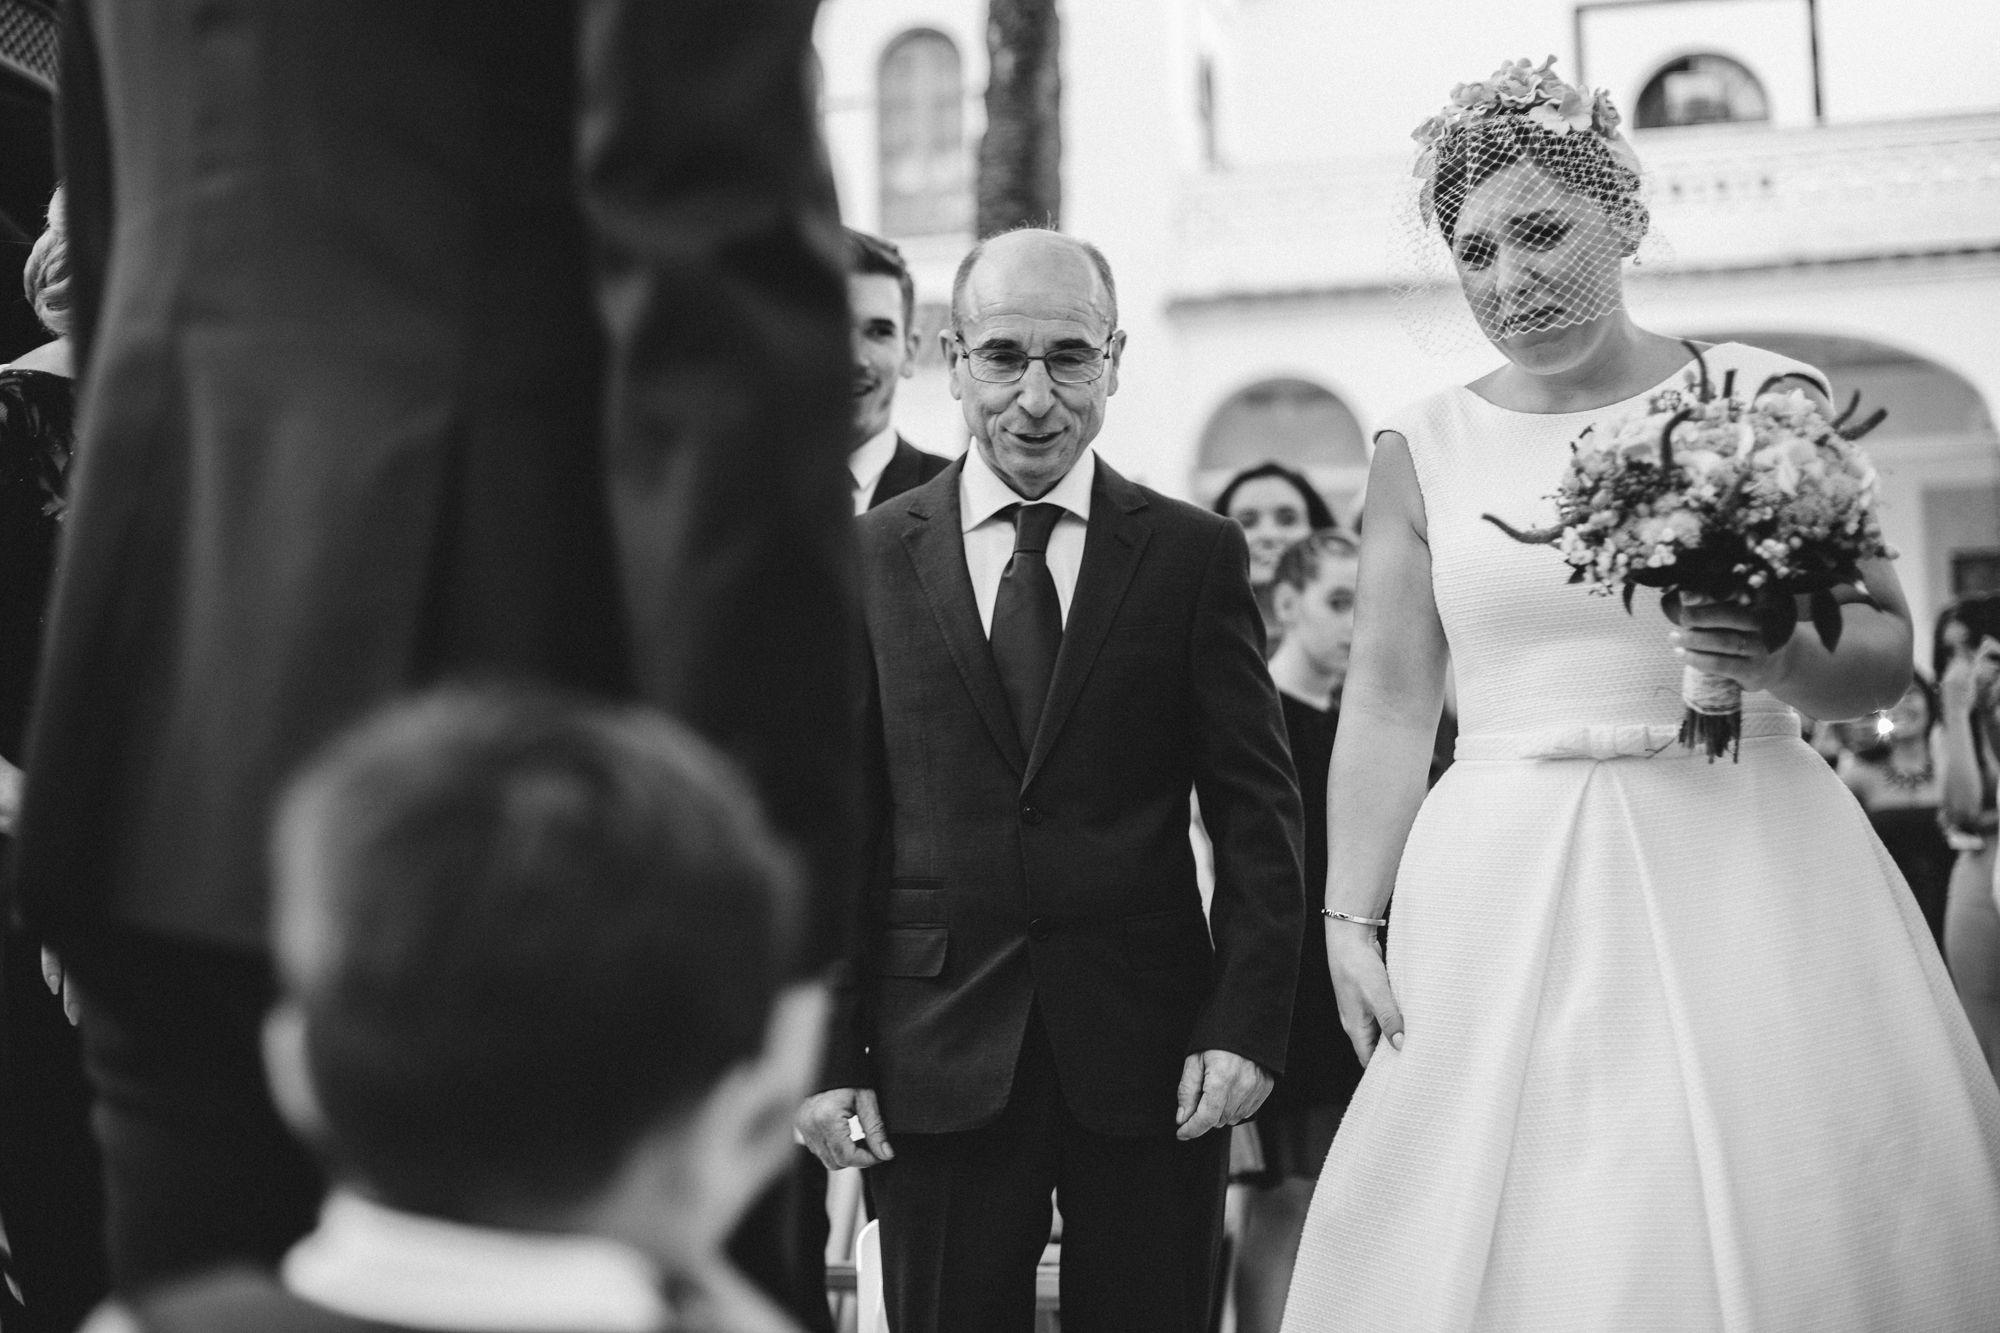 La boda de Amanda y Jorge en Villa Luisa 18